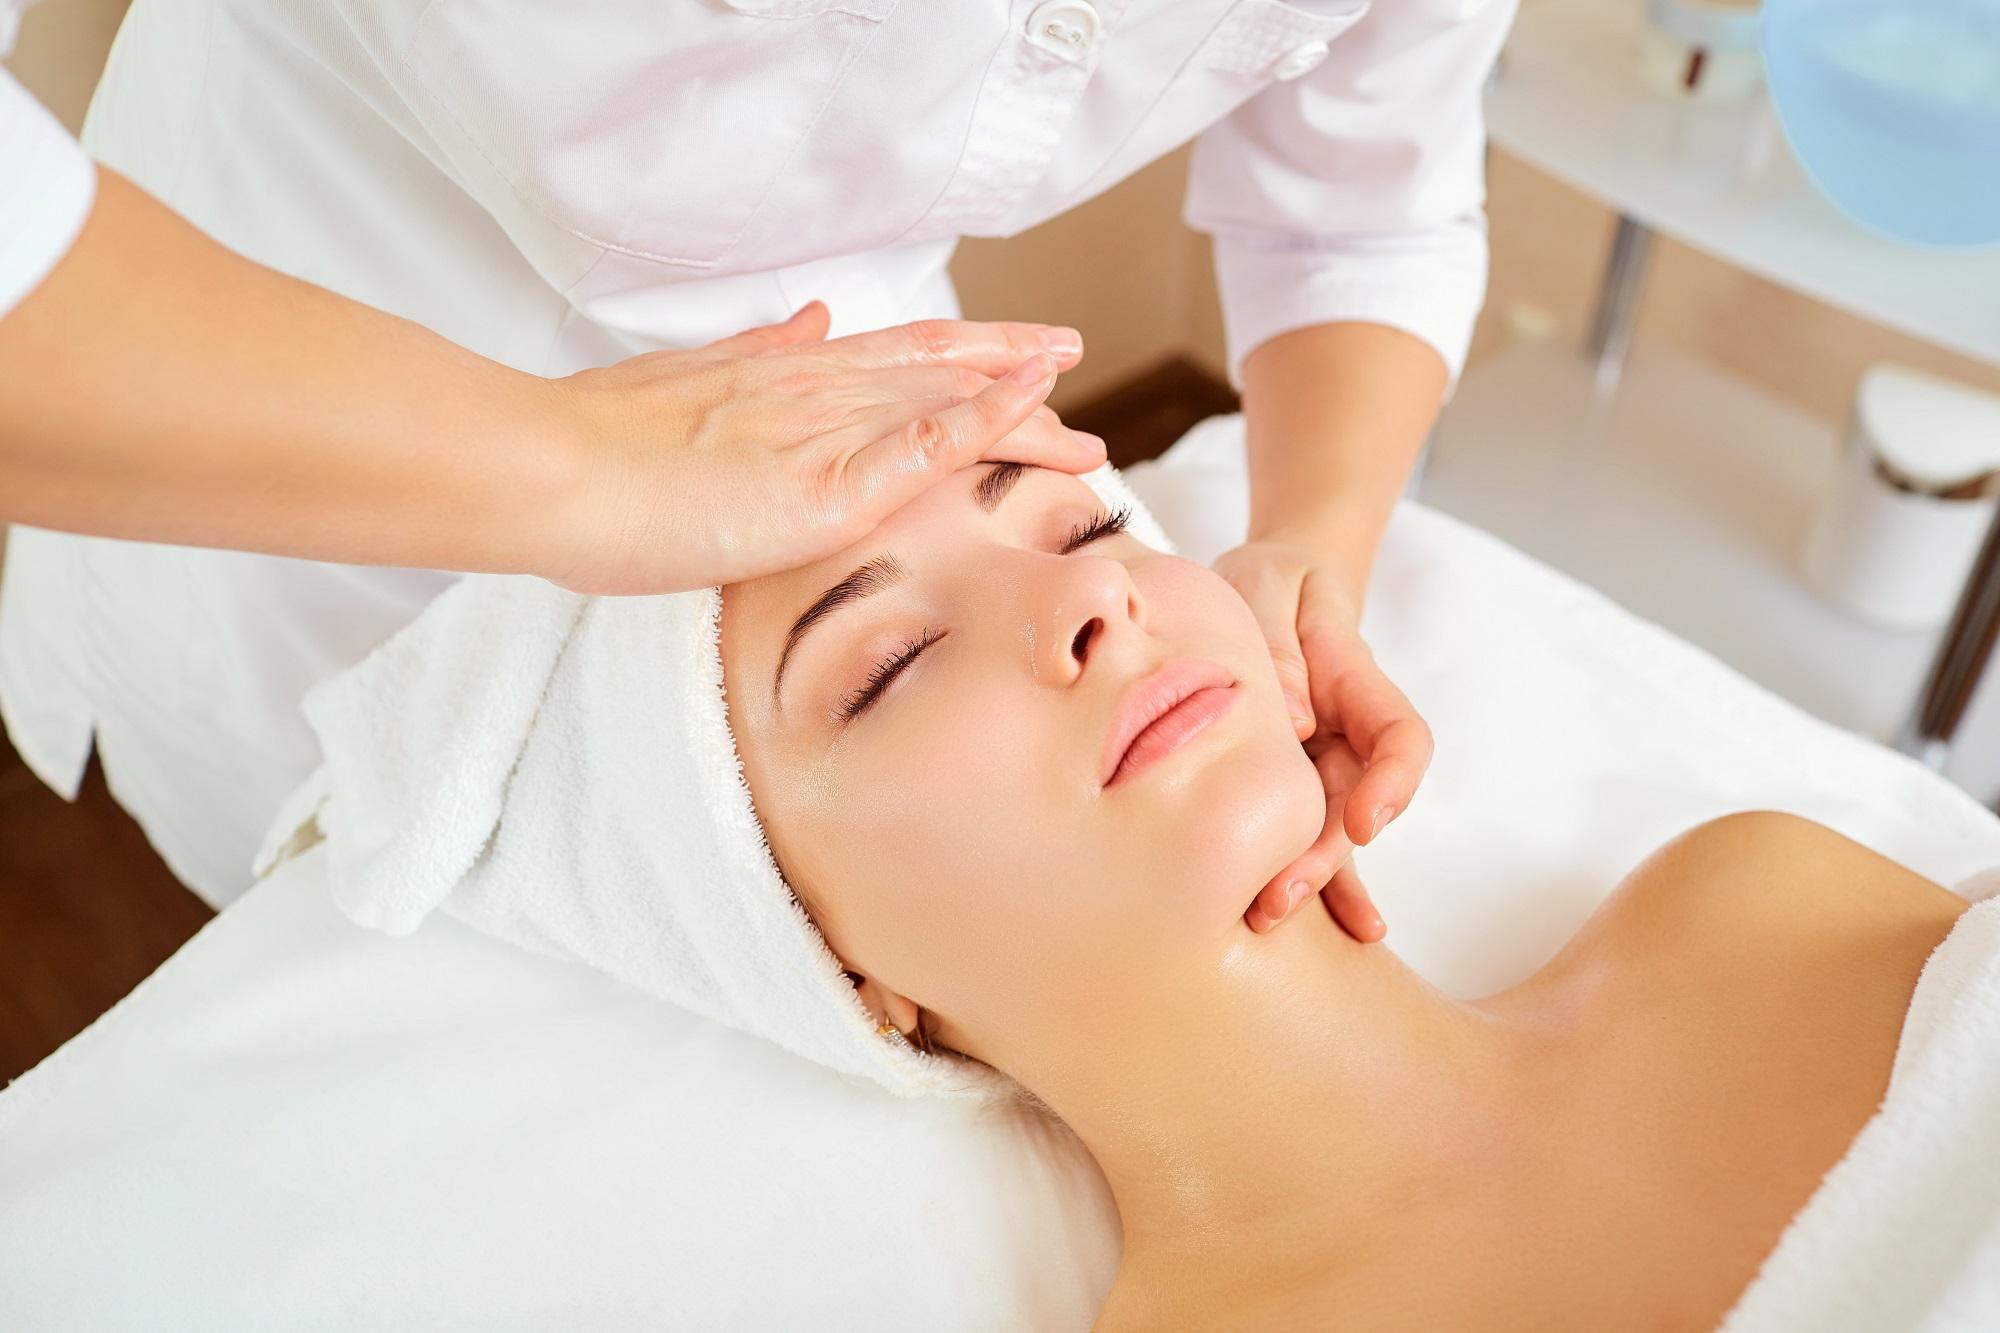 skin recovery inno exfo